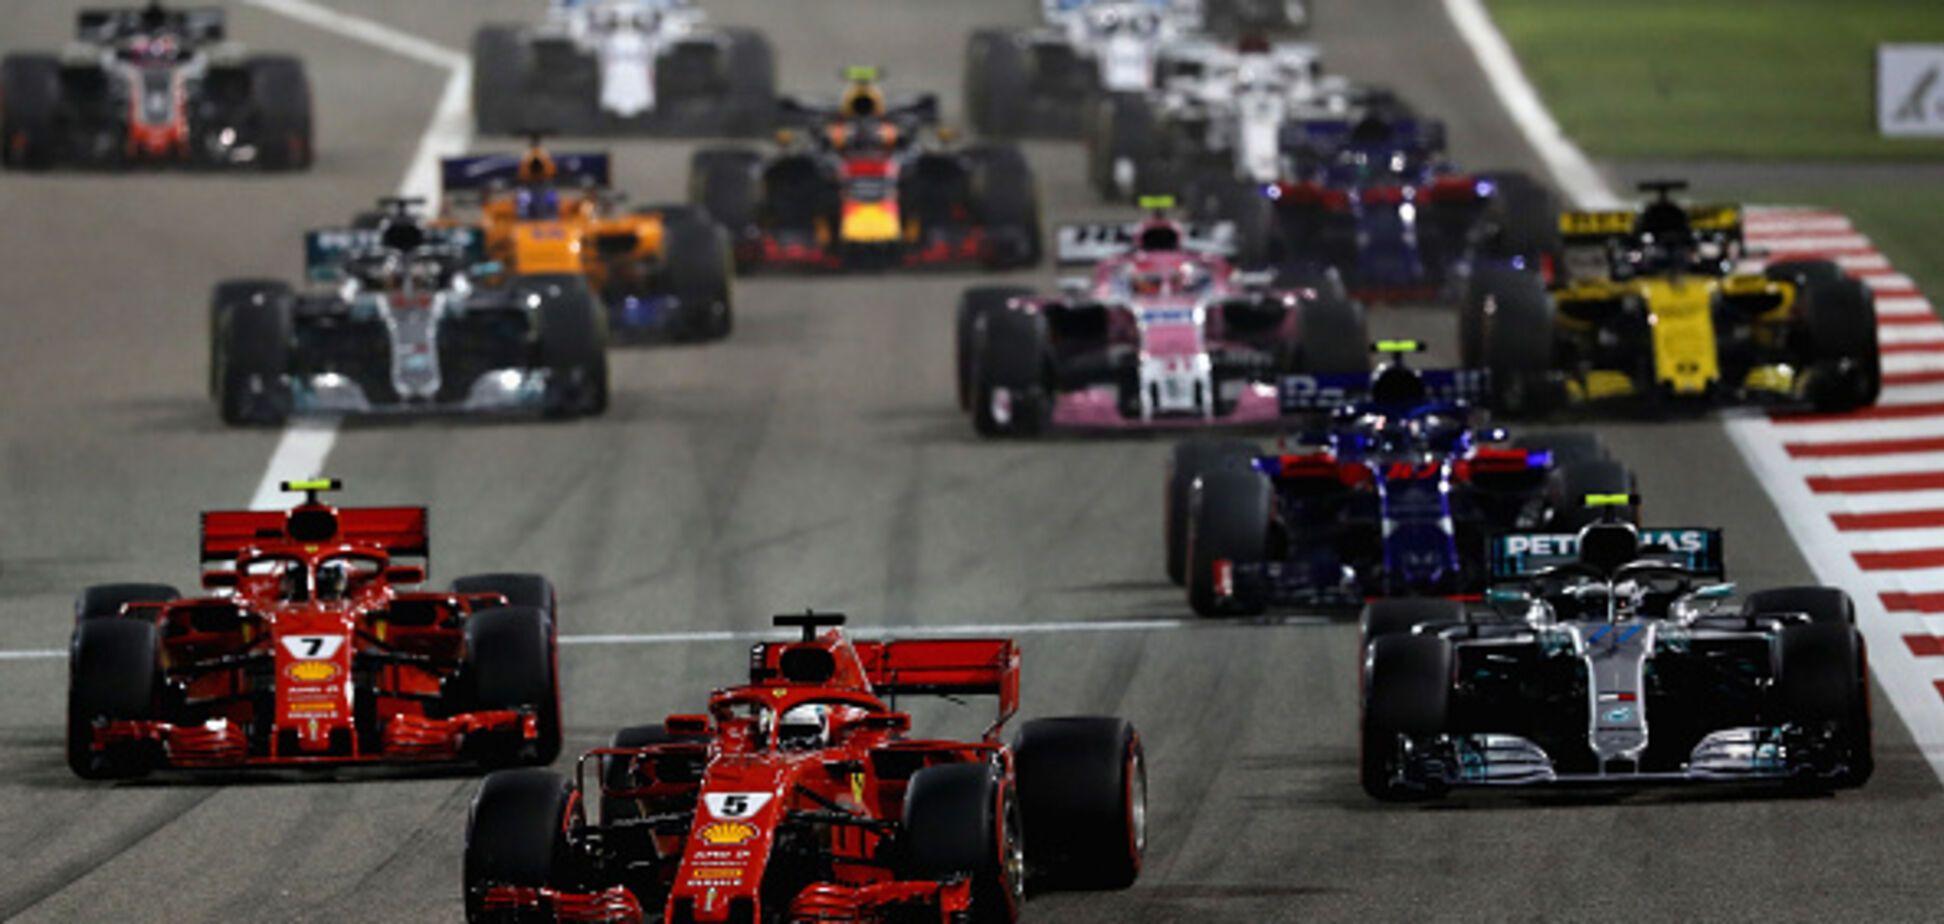 Ferrari позбулася подіуму, збивши механіка на Гран-прі Бахрейну: опубліковано відео 18+